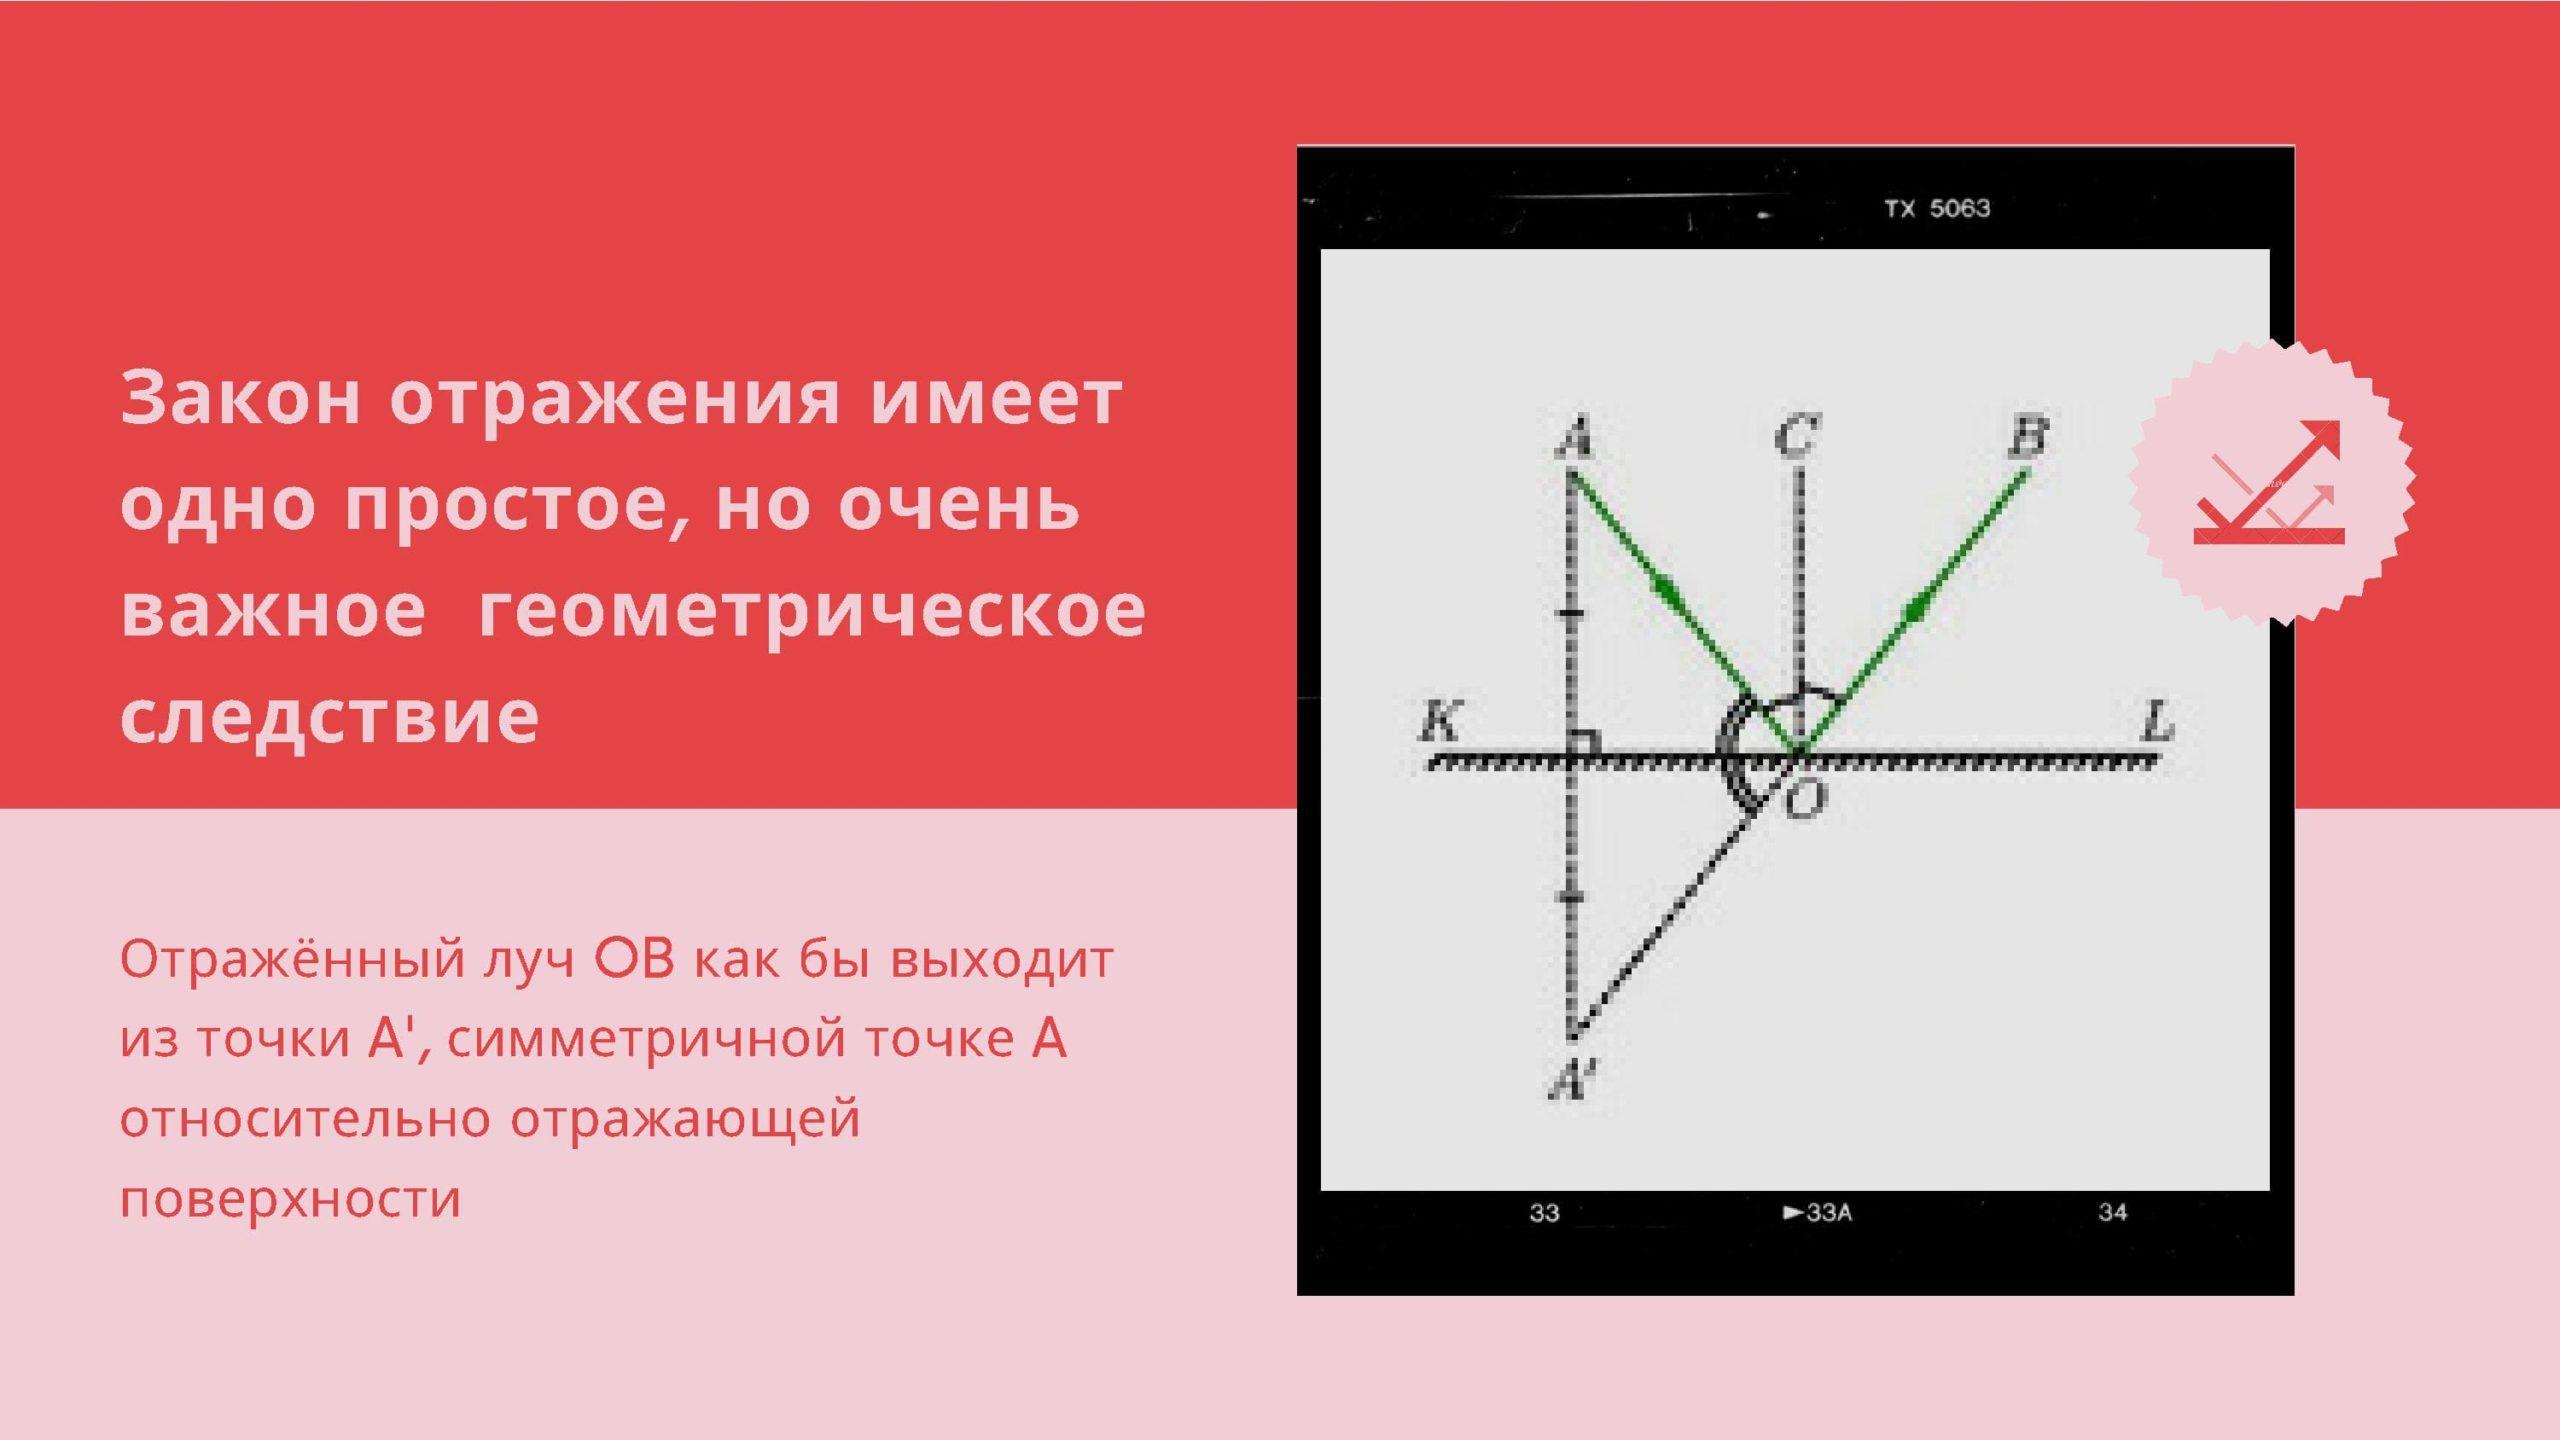 Закон отражения имеет одно простое, но очень важное геометрическое следствие